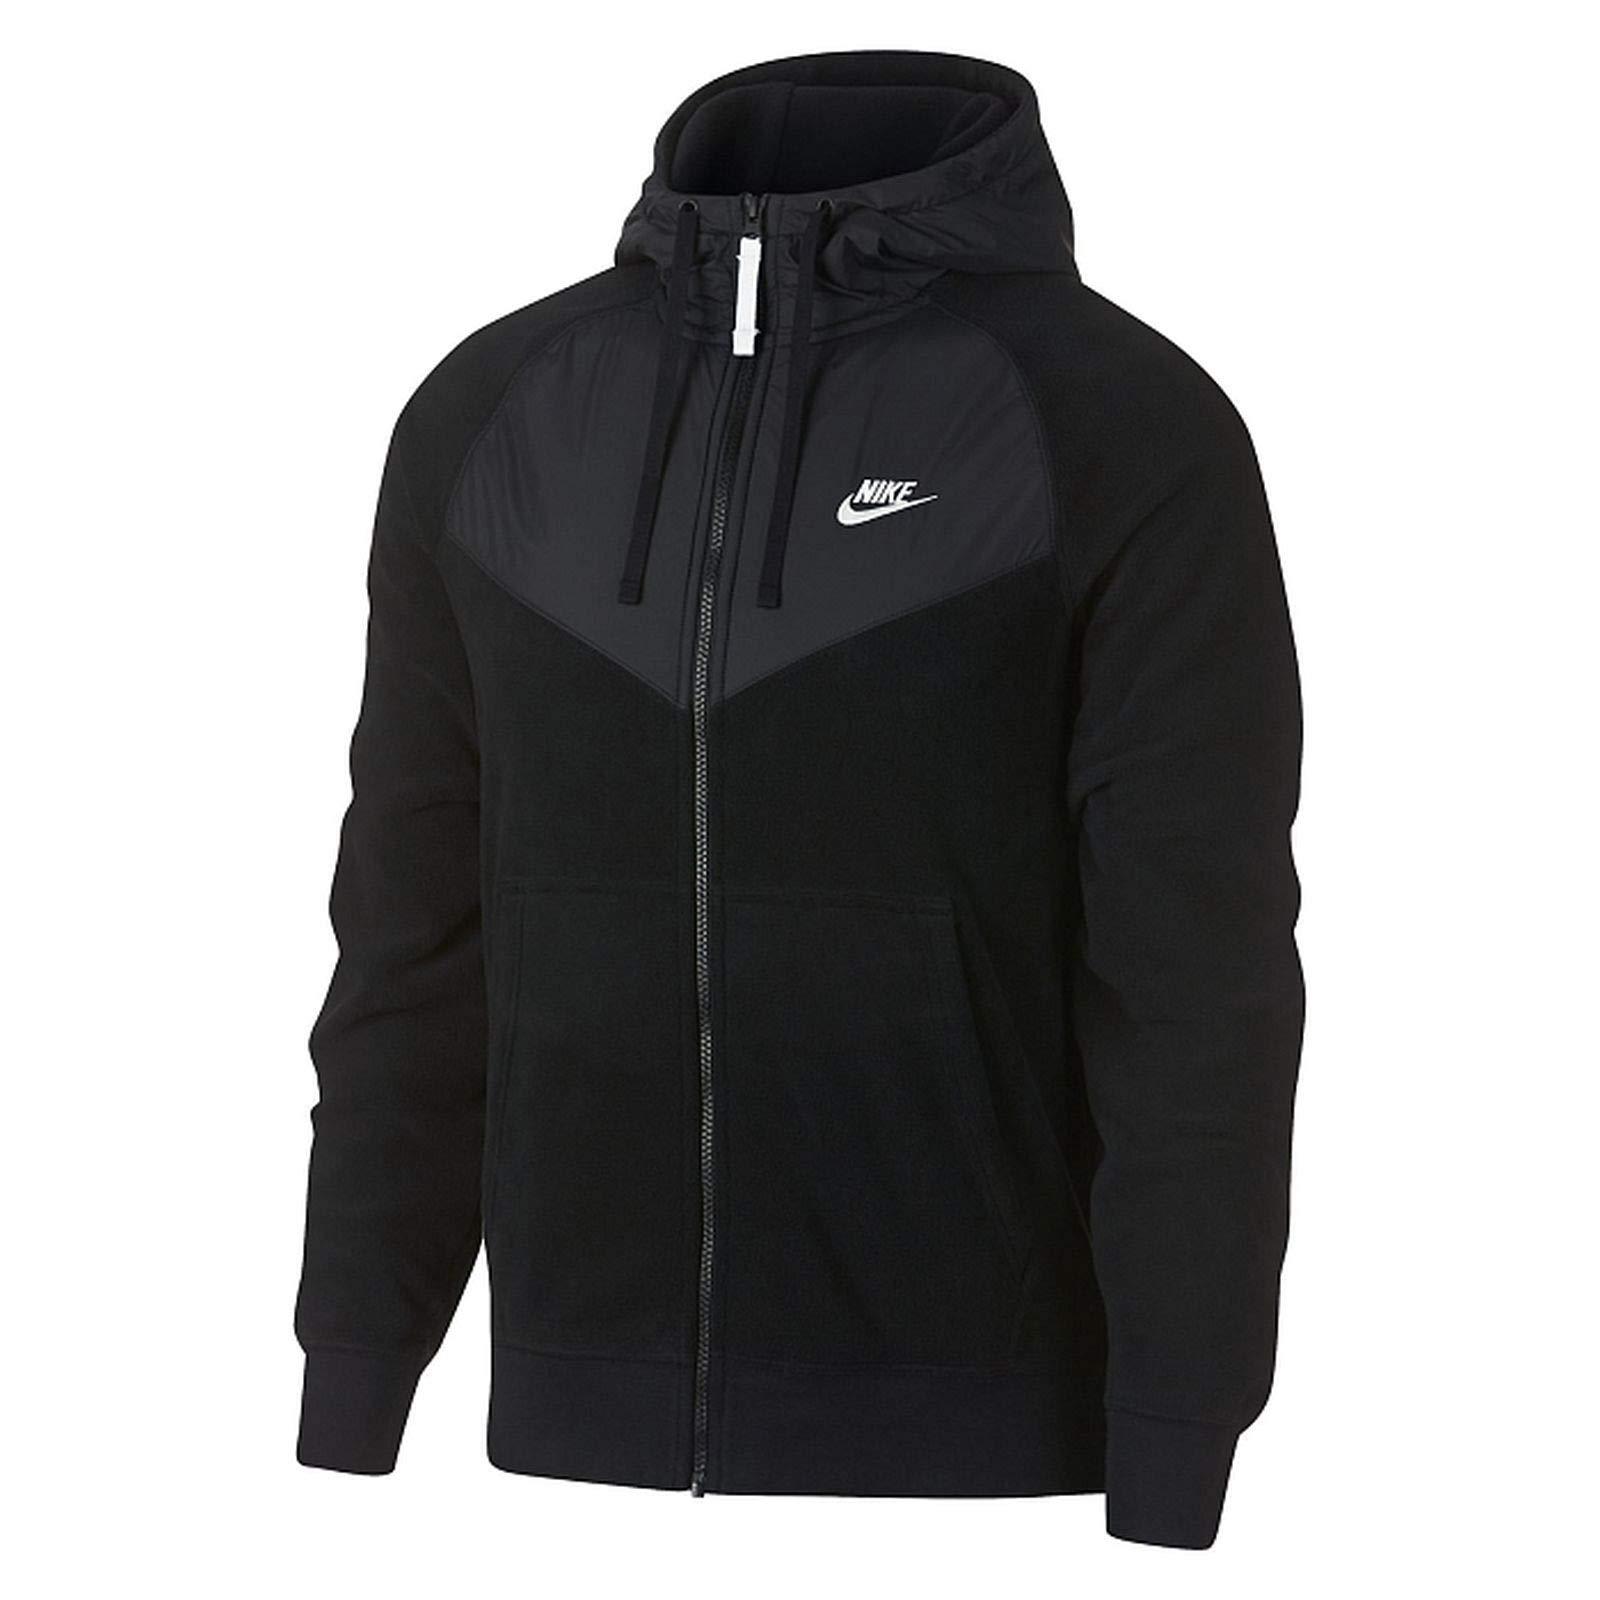 Nike Men's Polar Fleece Sportwear Casual Hoodie